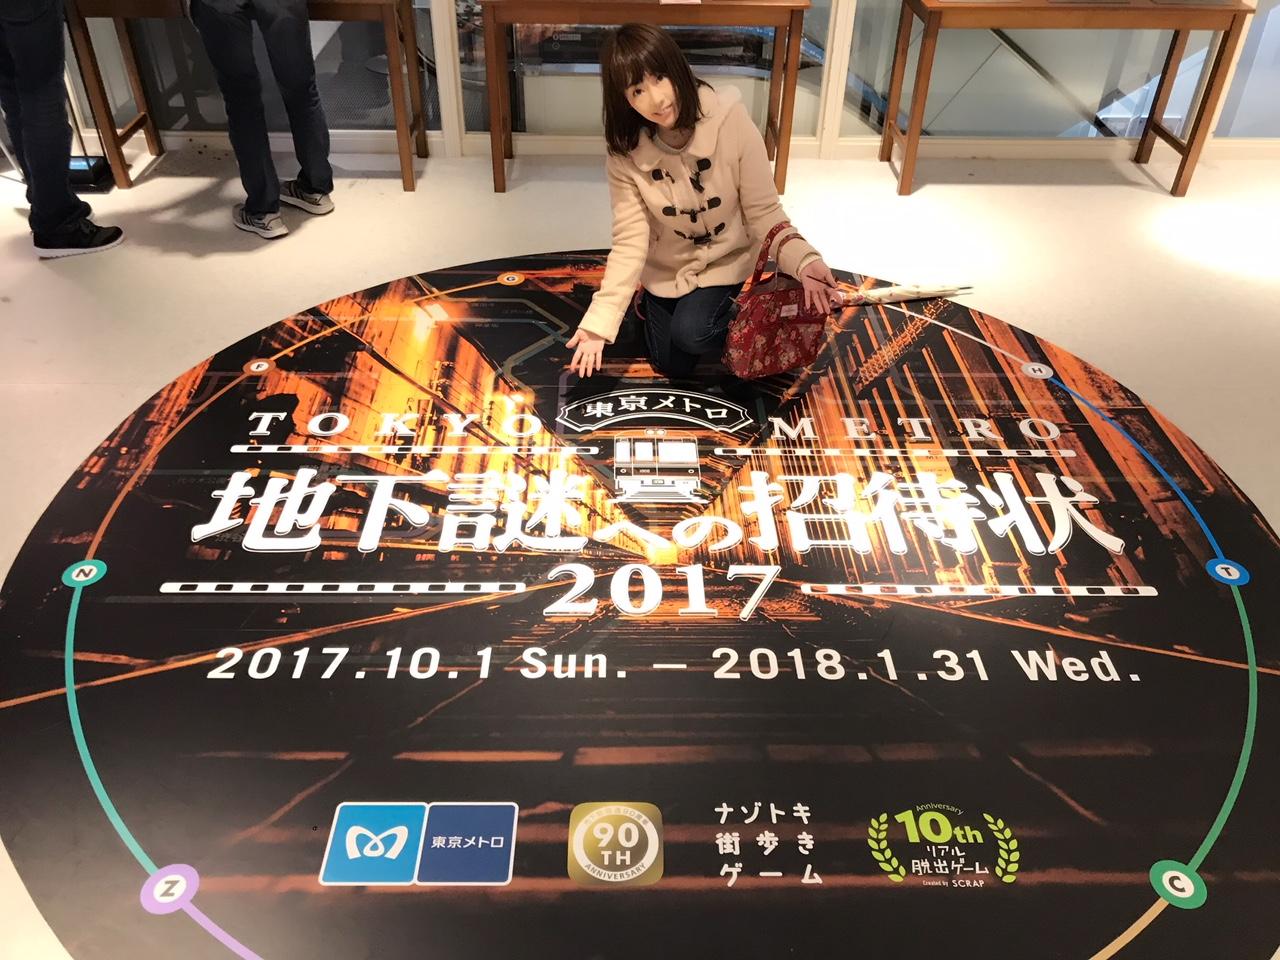 東京メトロ「地下謎への招待状2017」に挑戦!!達成感がたまらない~♪